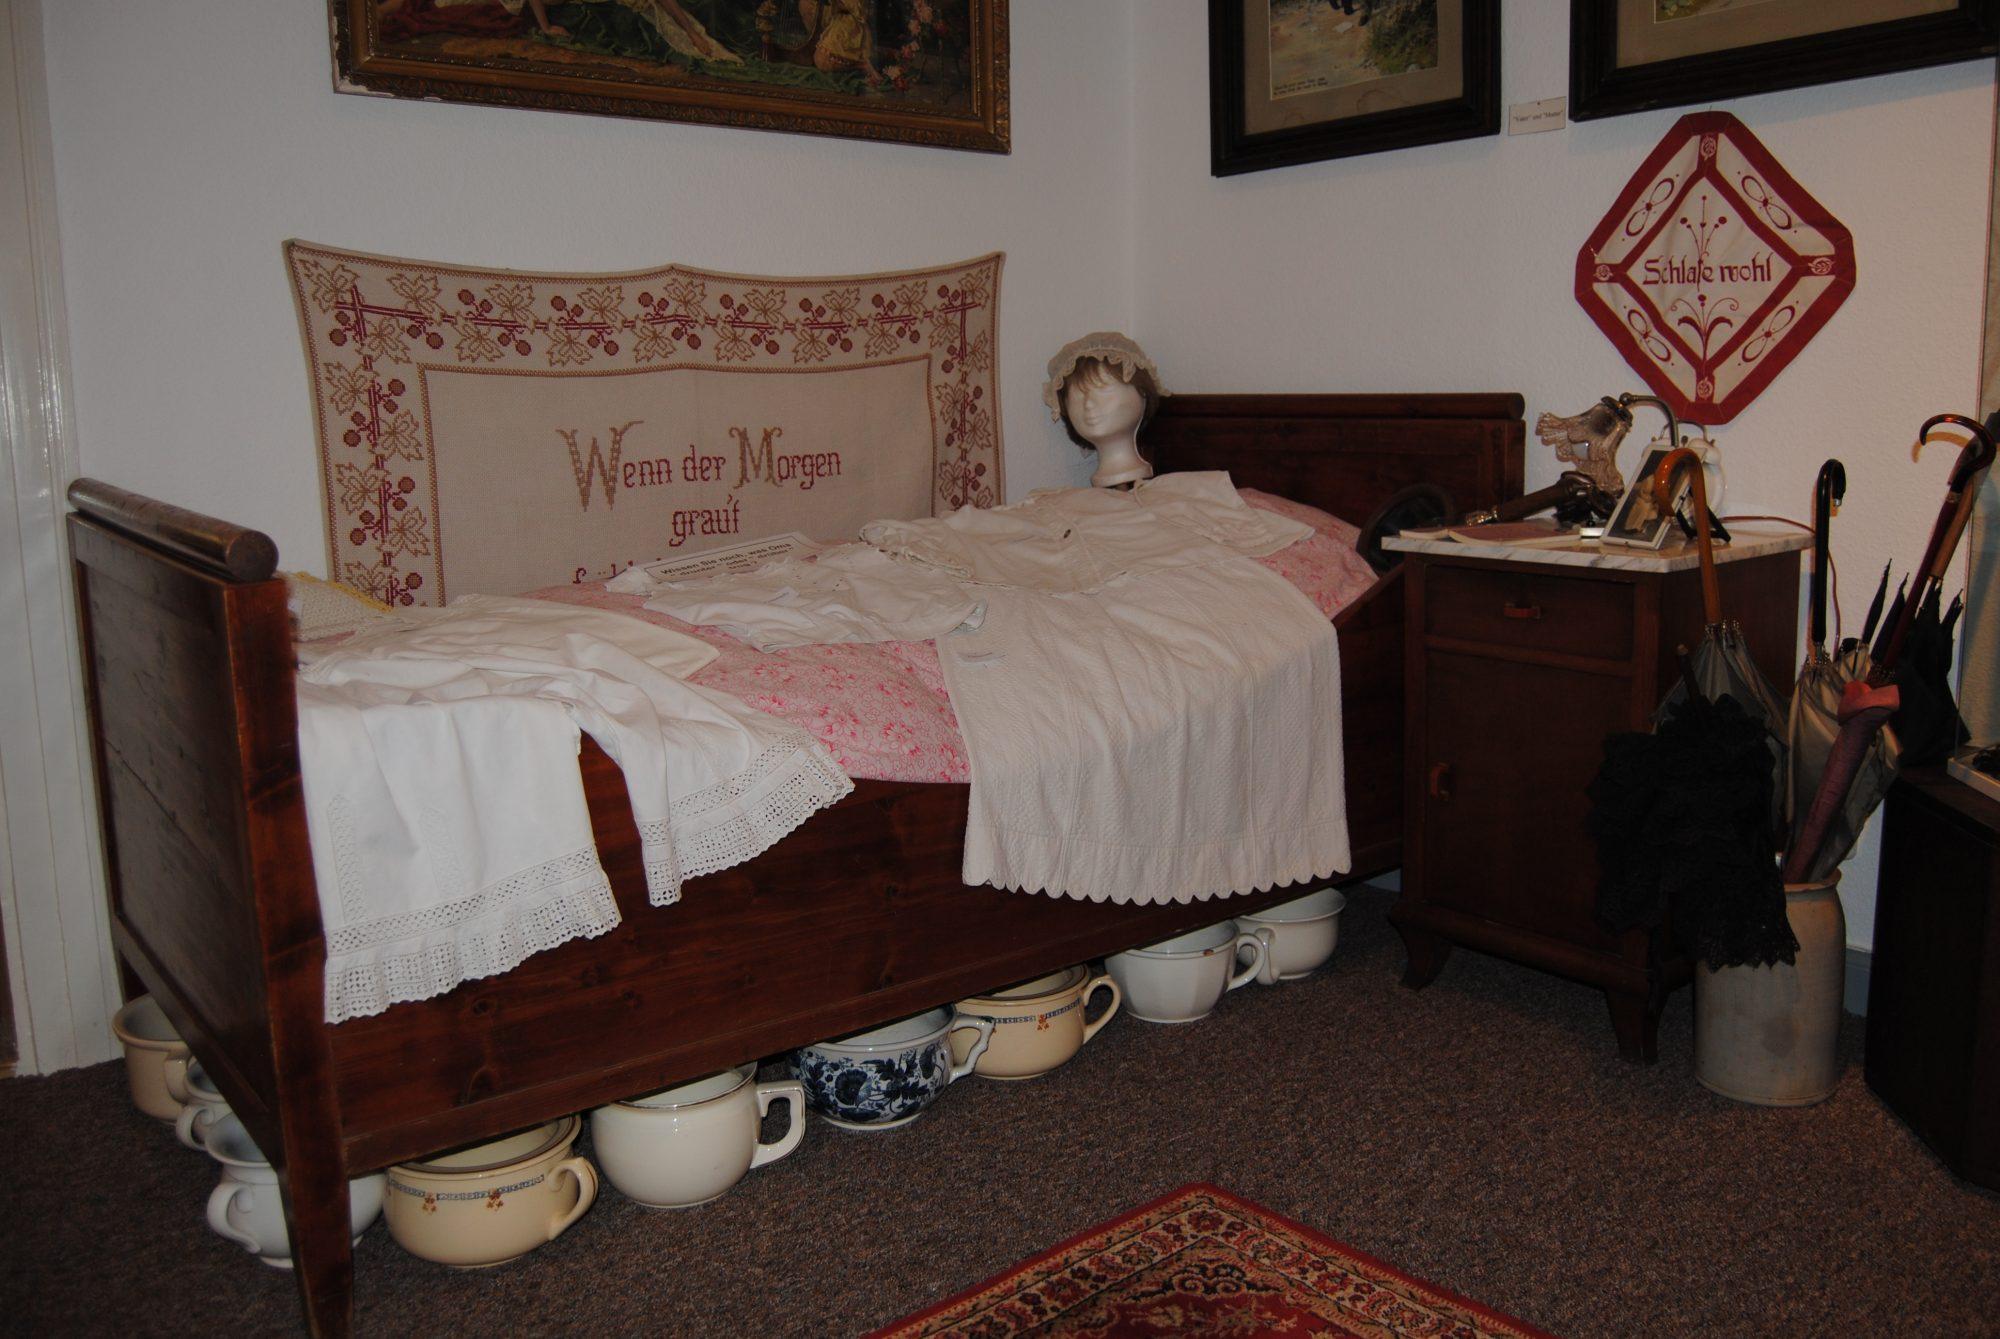 ein altes schlafzimmer mit mutti, papa, kindern, oma und opa in, Schlafzimmer entwurf